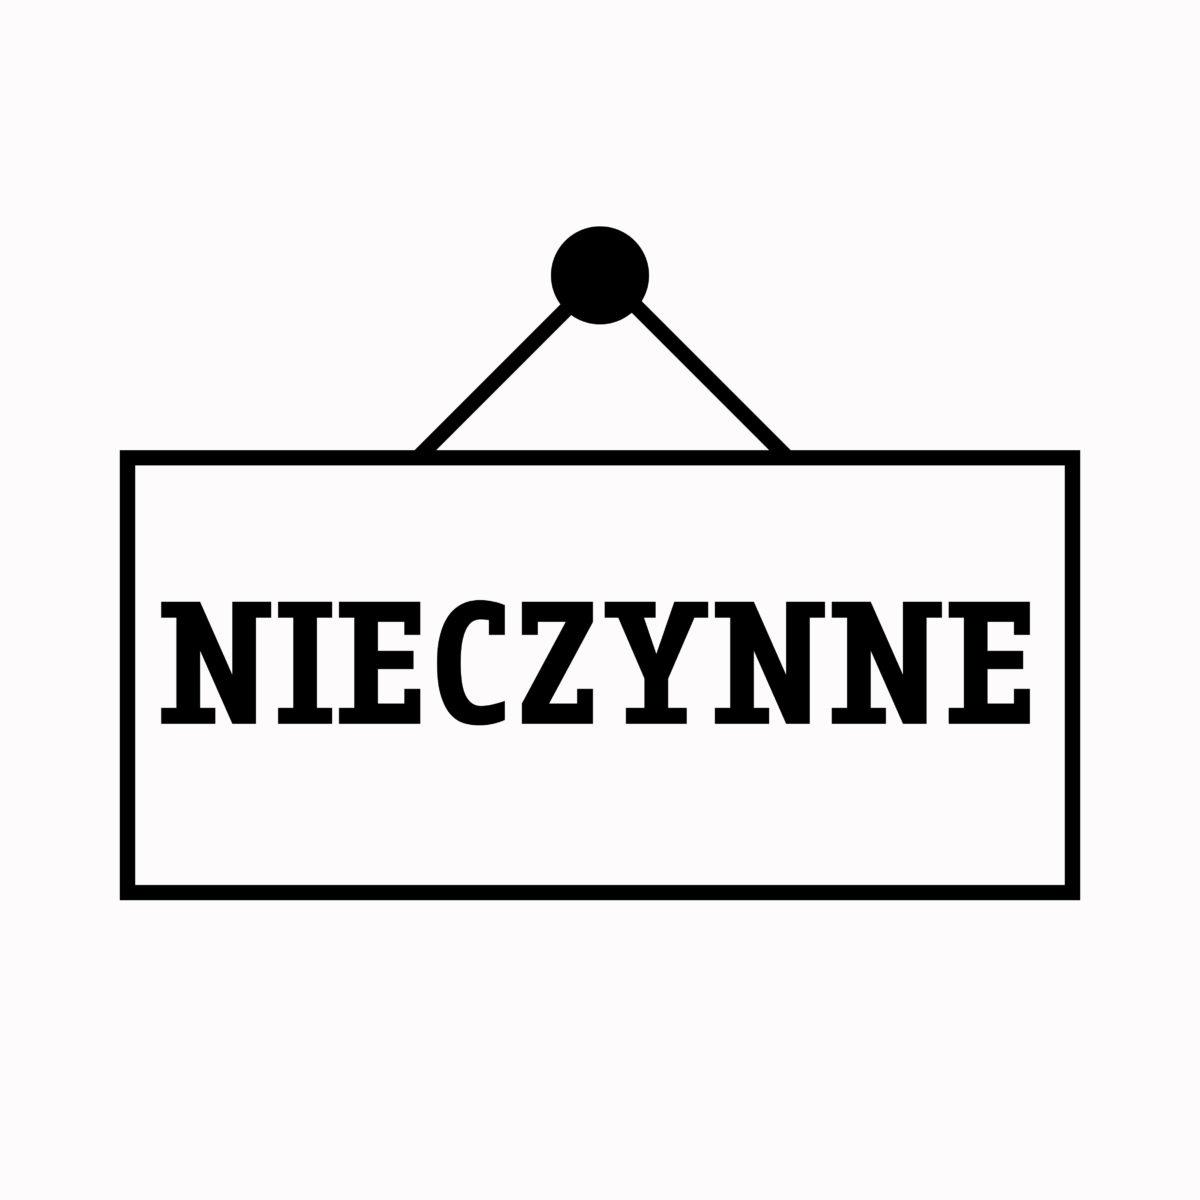 Administracja Przedsiębiorstwa Komunalnego i Stacja Diagnostyczna nieczynne w dniu 15.10.2021